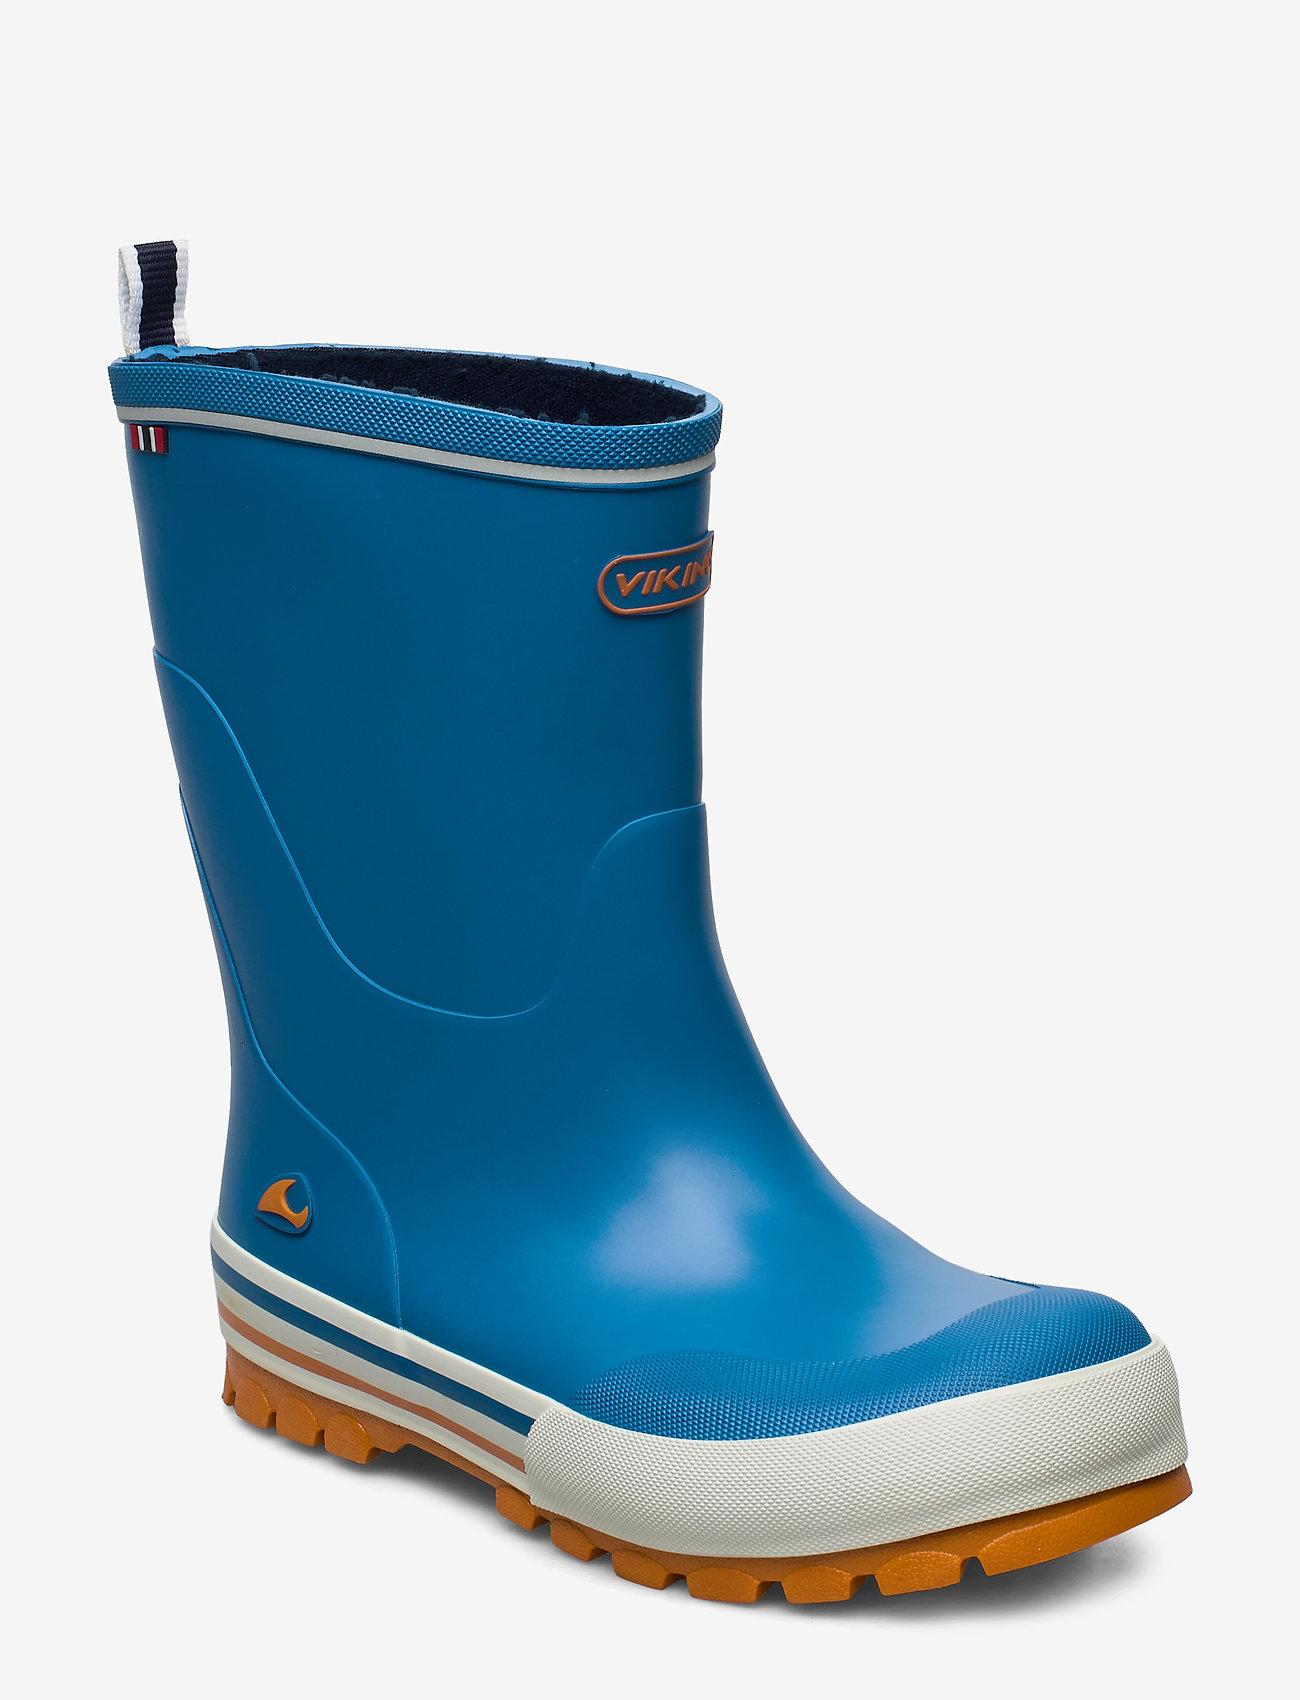 Viking - Jolly - unlined rubberboots - blue/orange - 0